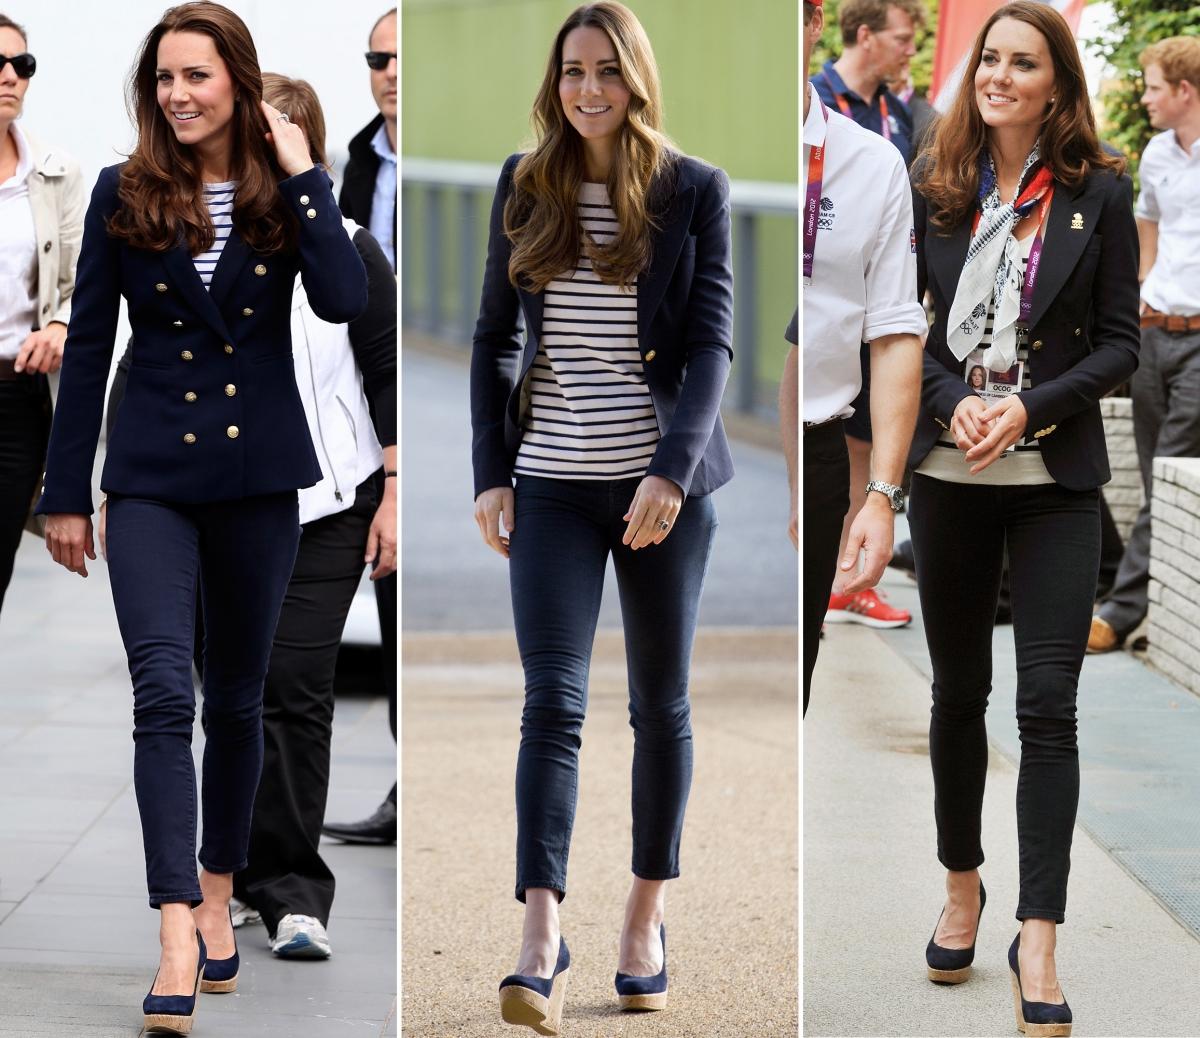 Royal Tour 2014: Kate Middleton Dress